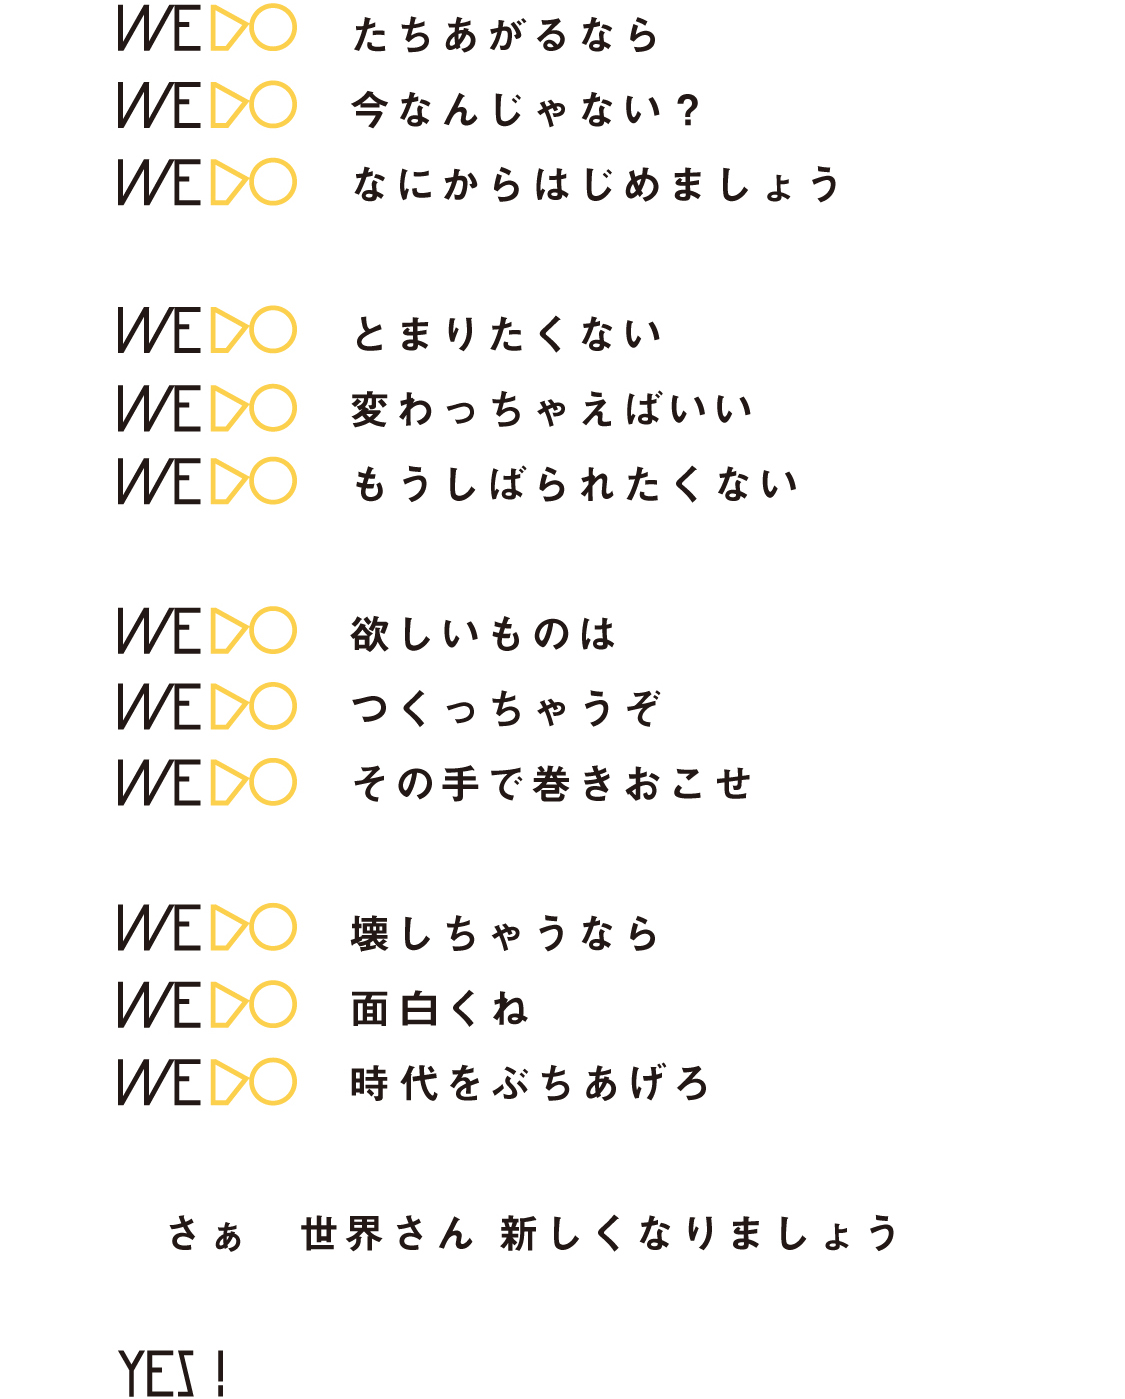 wedo_02